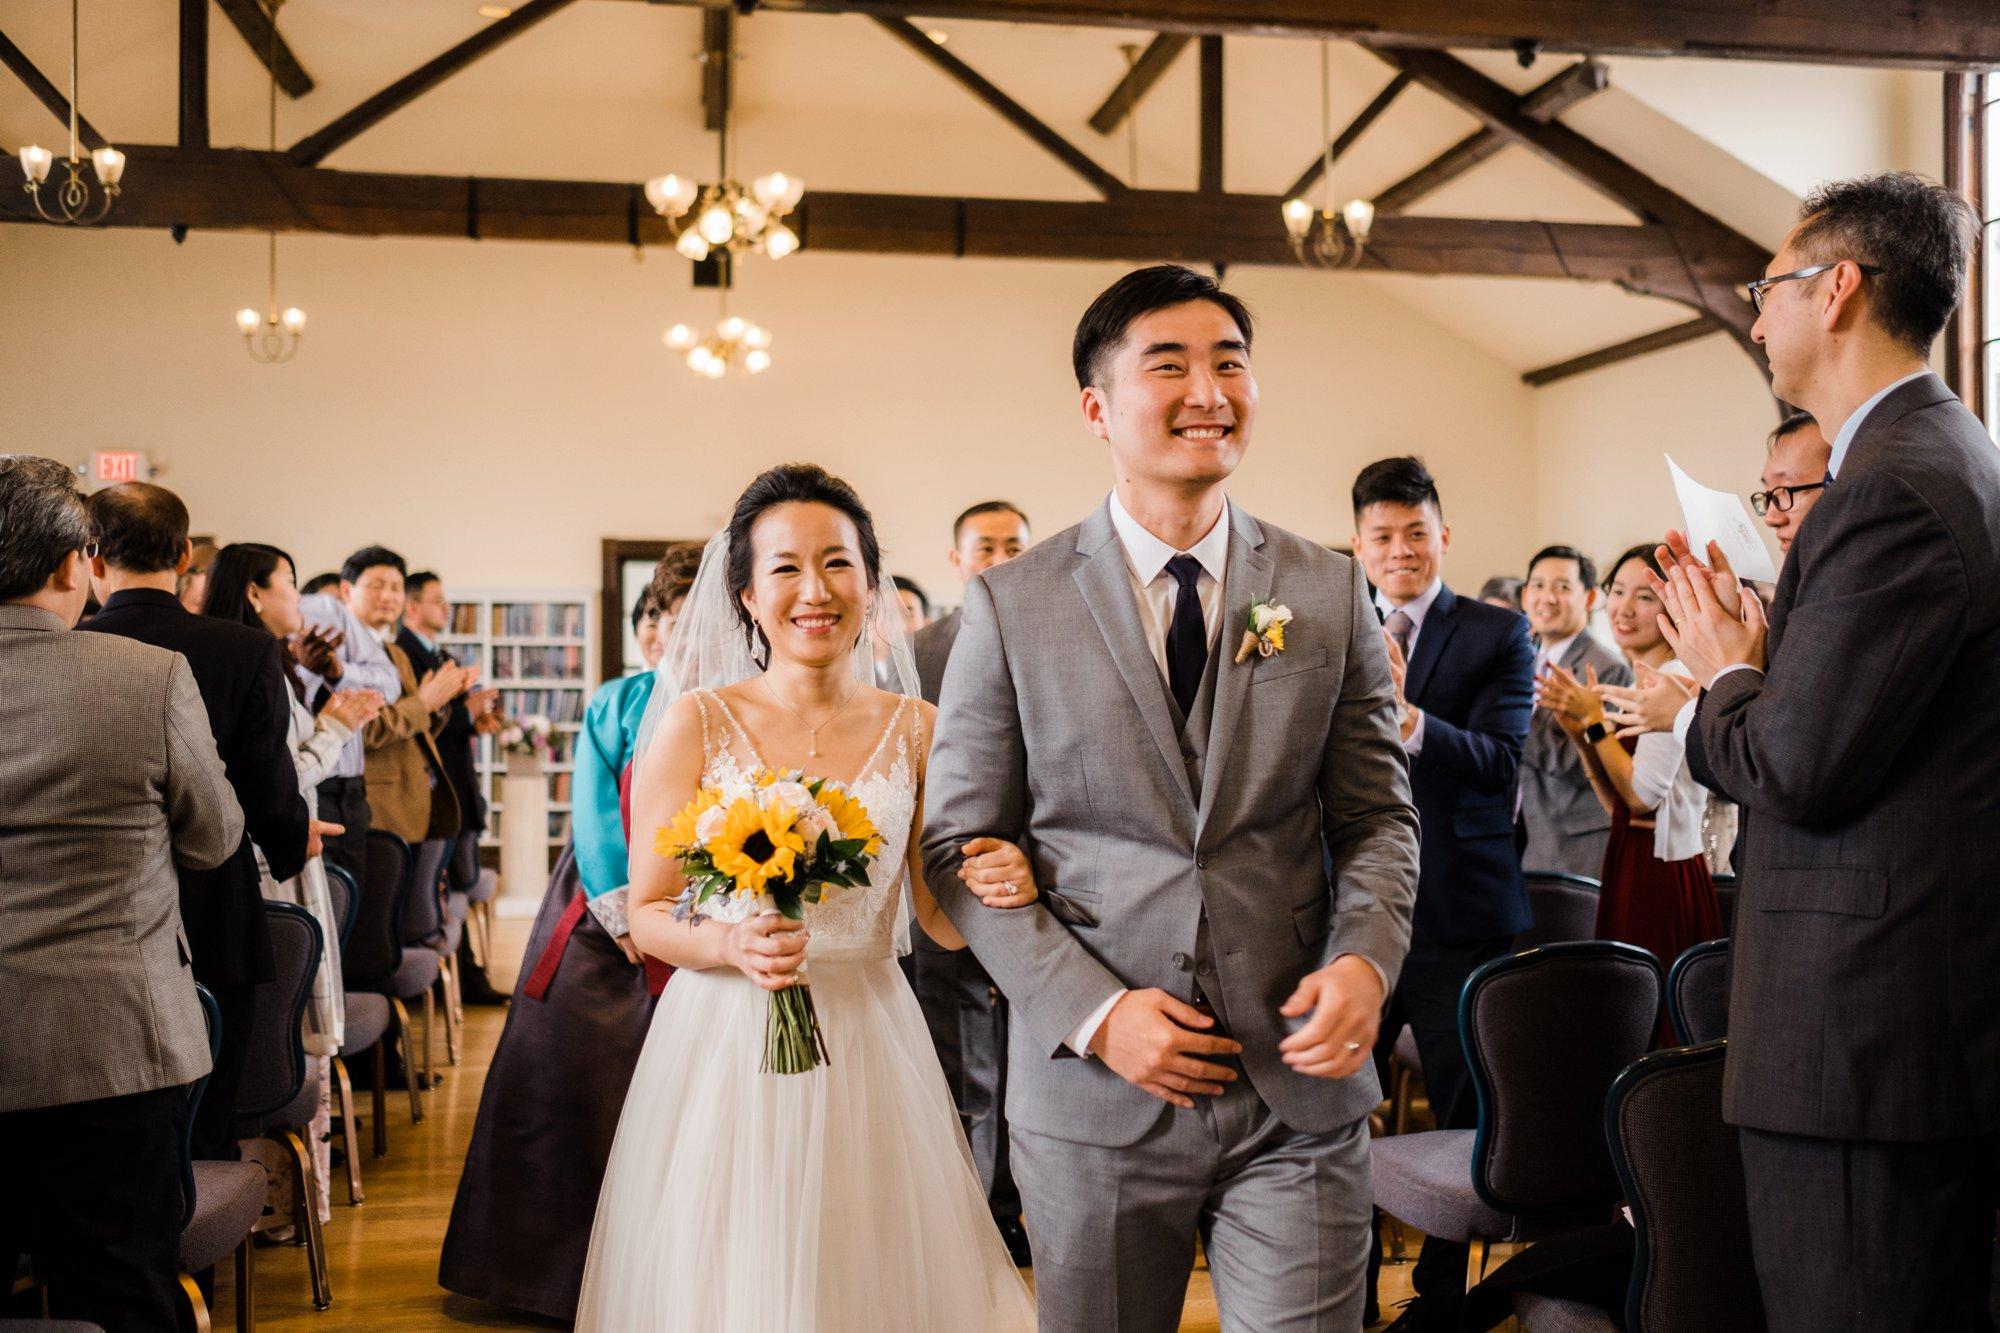 fairfax-dc-wedding-old-city-hall_0118.jpg